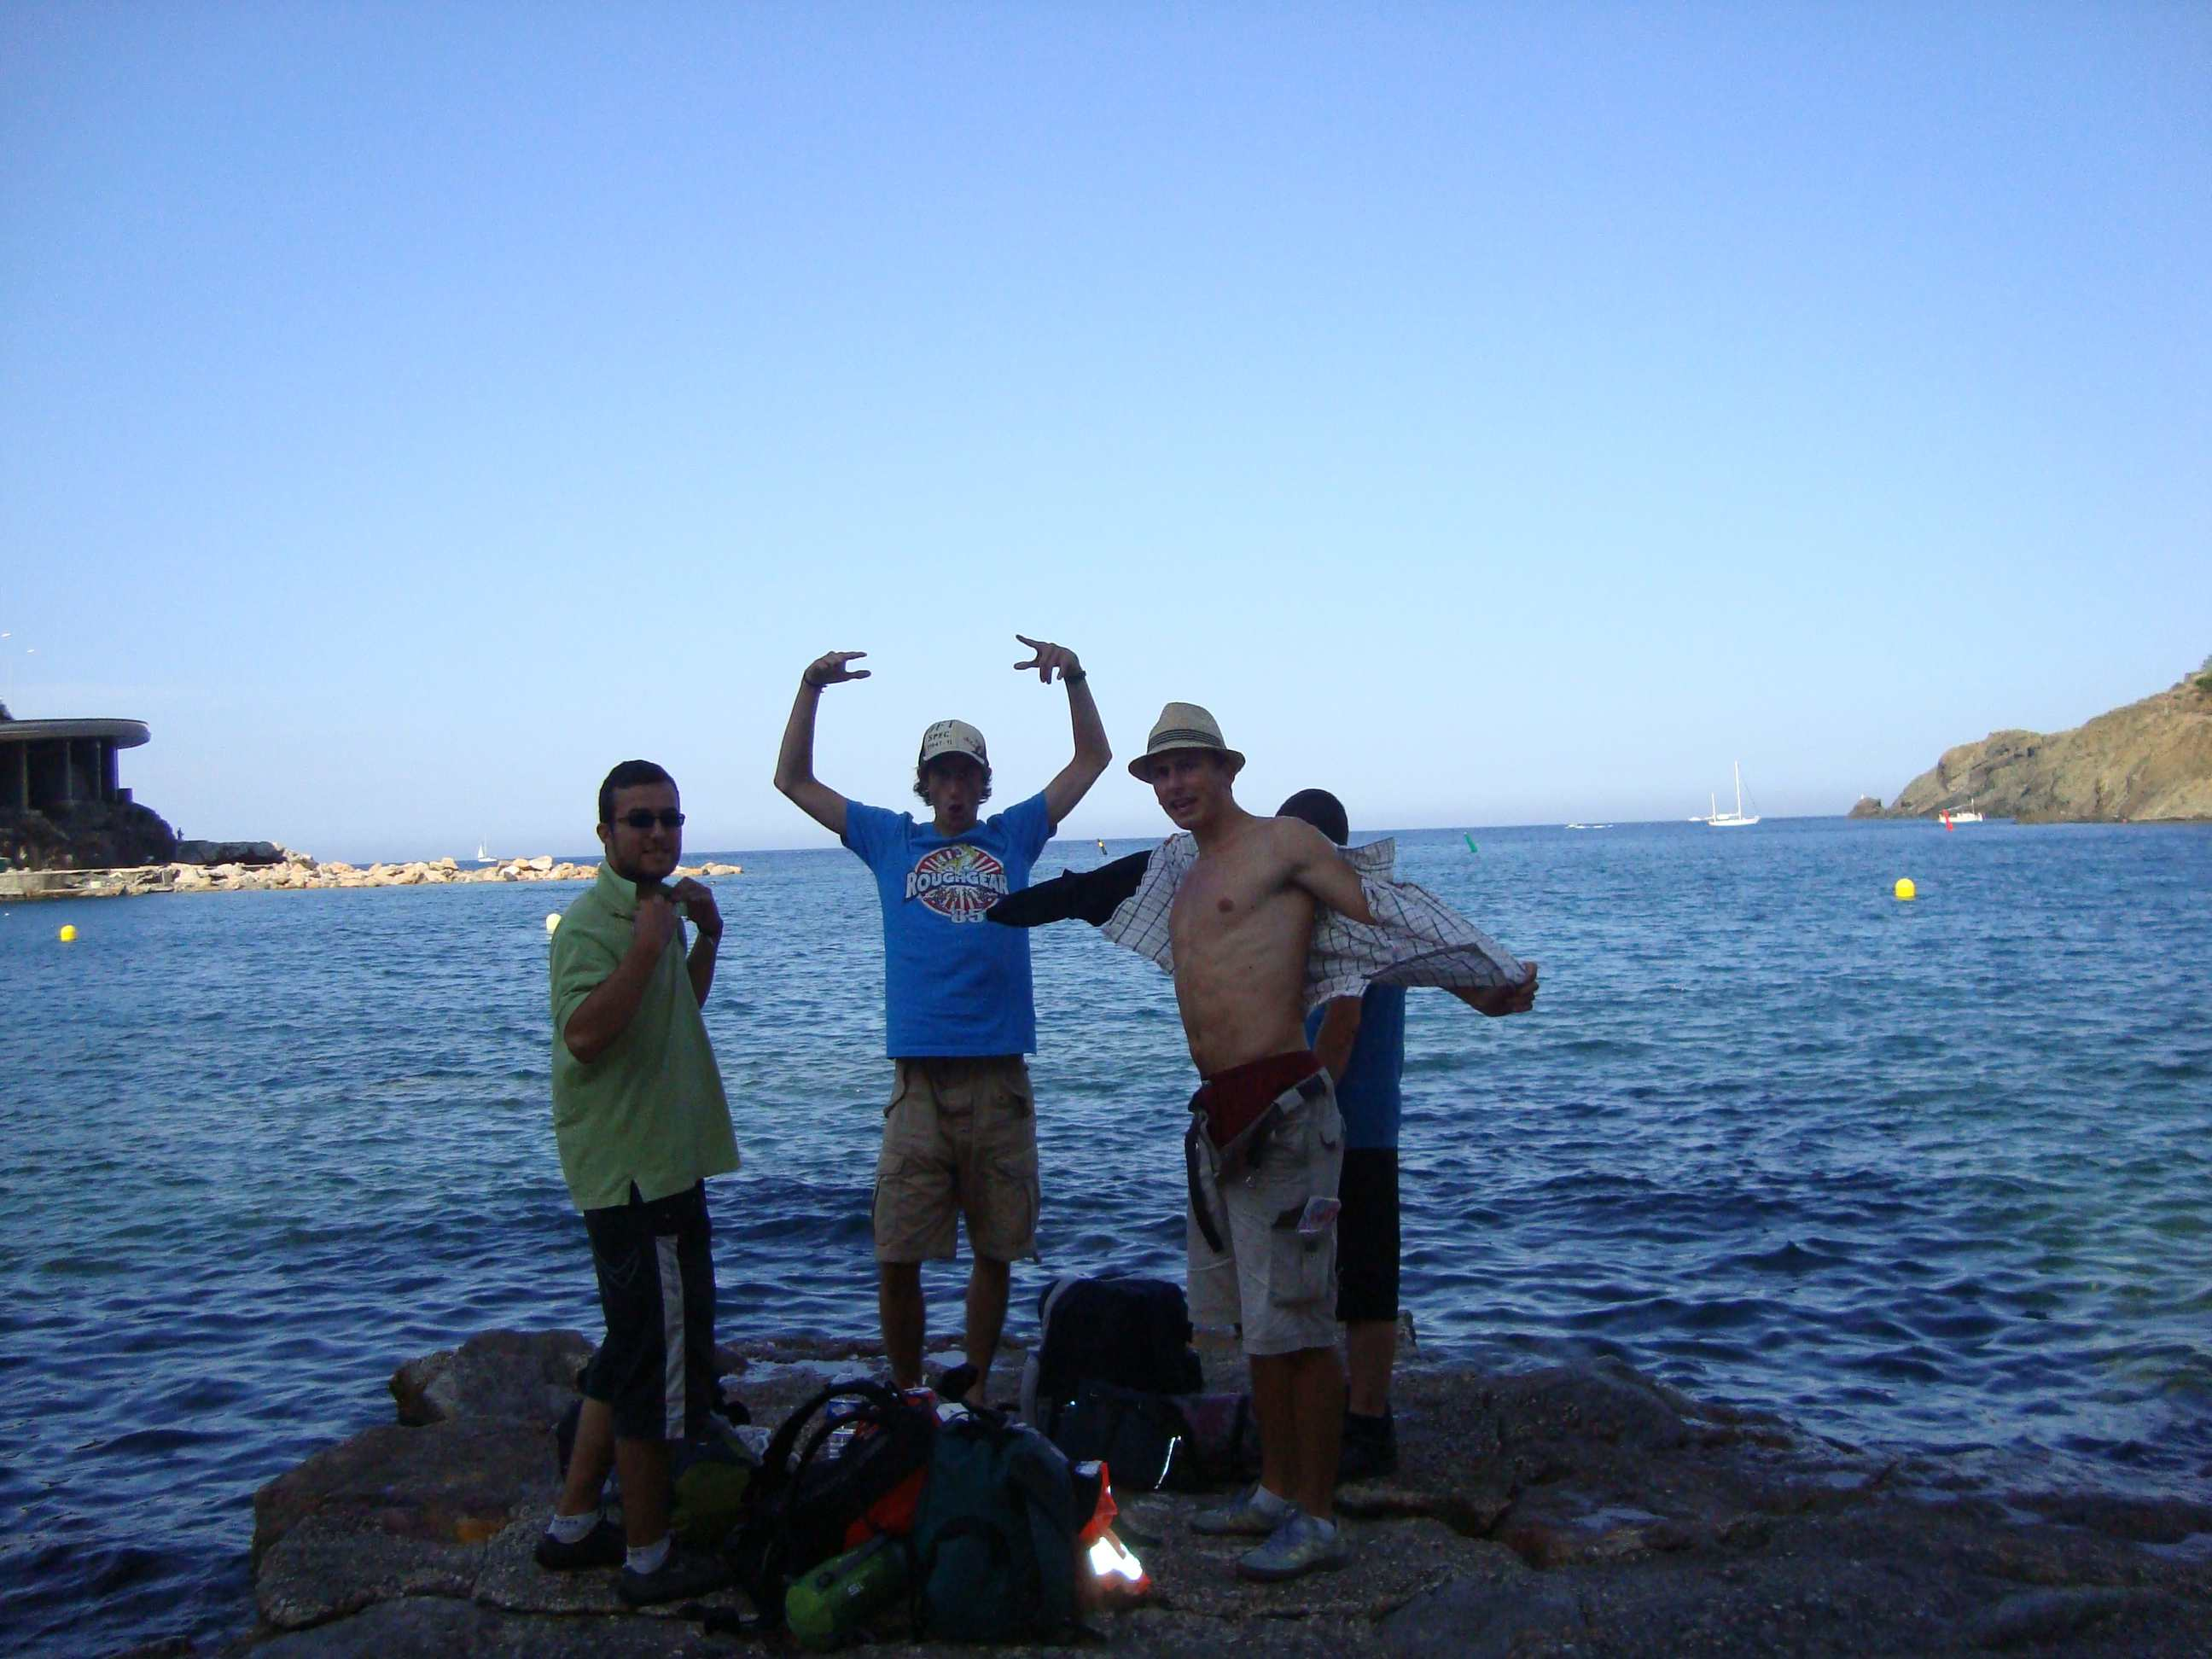 Bien voyager interview Olivier qui est parti en Espagne à vélo